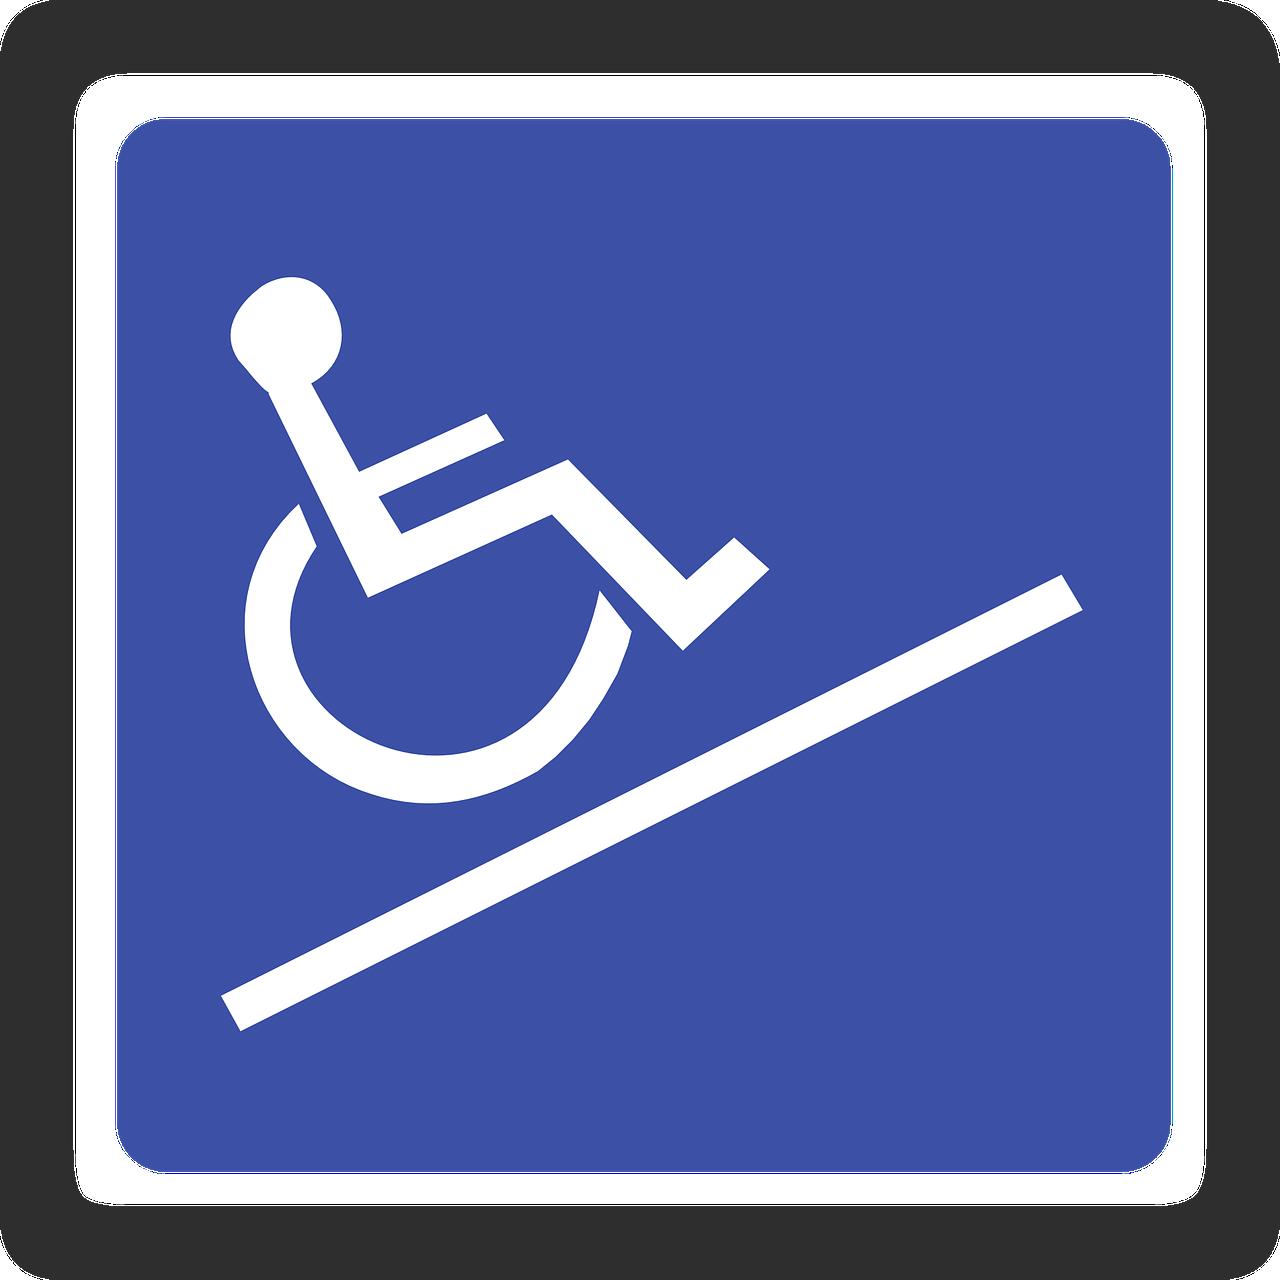 Ilias Pedagogische Hulpverlening instelling gehandicaptenzorg verstandelijk gehandicapten ervaringen